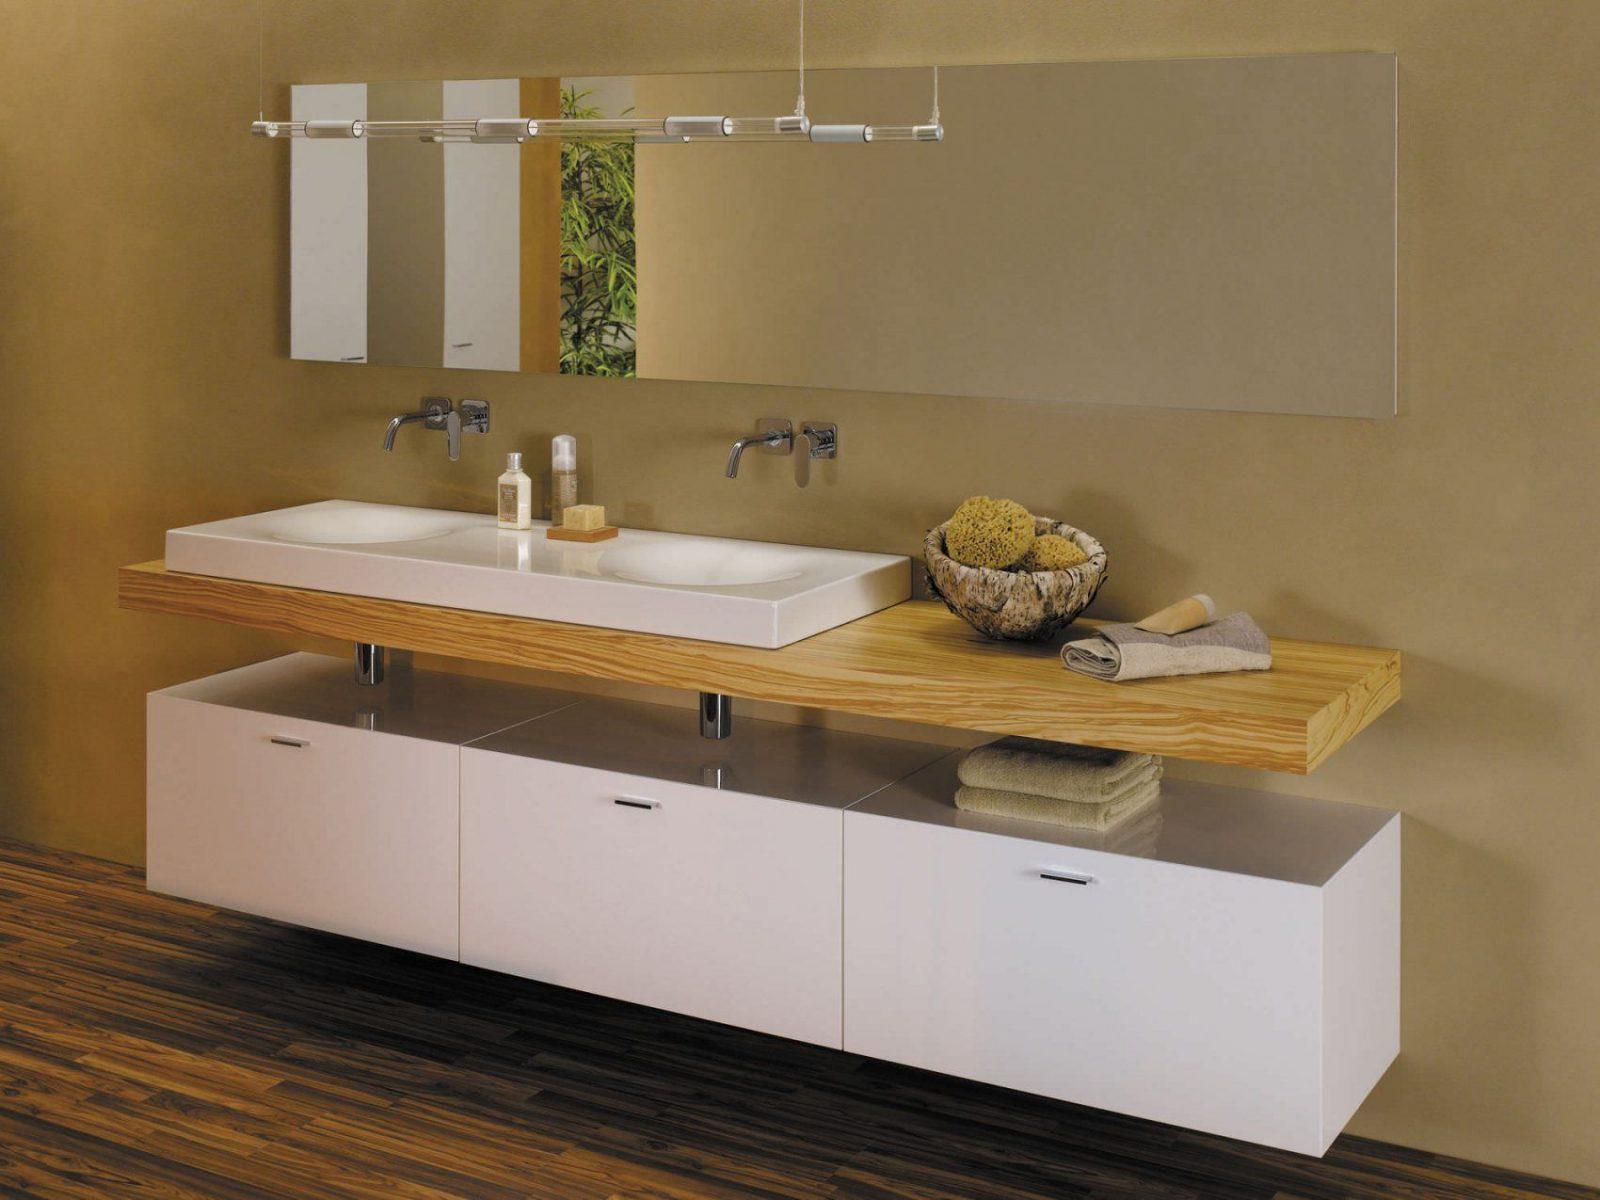 doppeltes waschbecken mit unterschrank haus design ideen. Black Bedroom Furniture Sets. Home Design Ideas